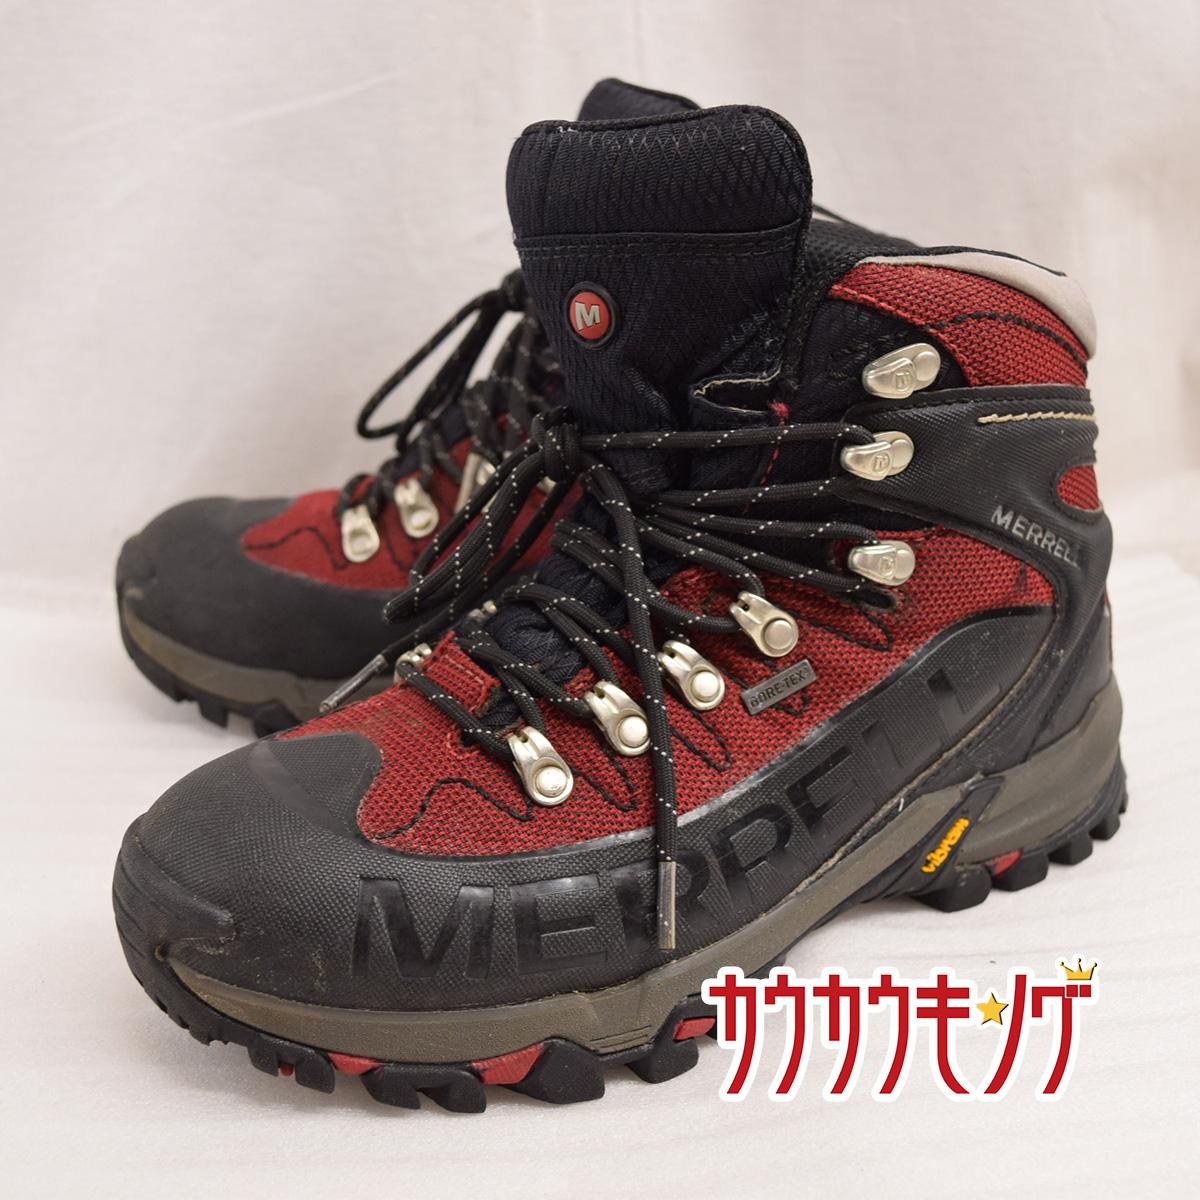 【中古】MERRELL/メレル OUTBOUND MID GORE-TEX J50901 UK7.5(26.0cm) レッド 登山/アウトドア